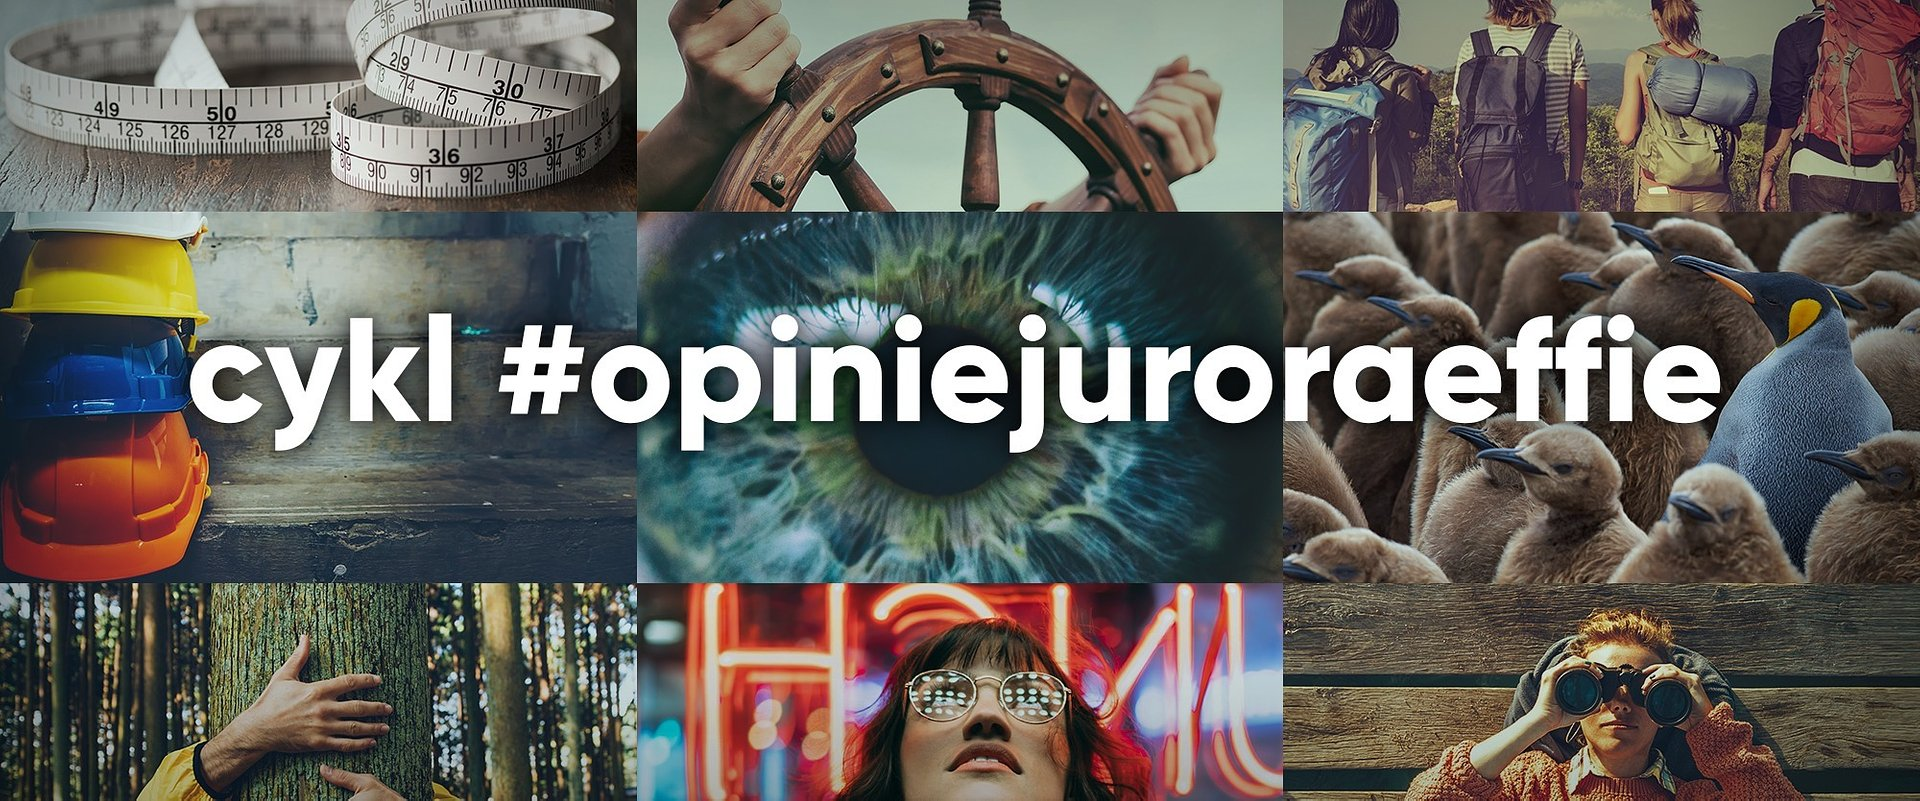 Cykl #opiniejuroraeffie – nowa edycja wspólnego projektu TVN Media & SAR